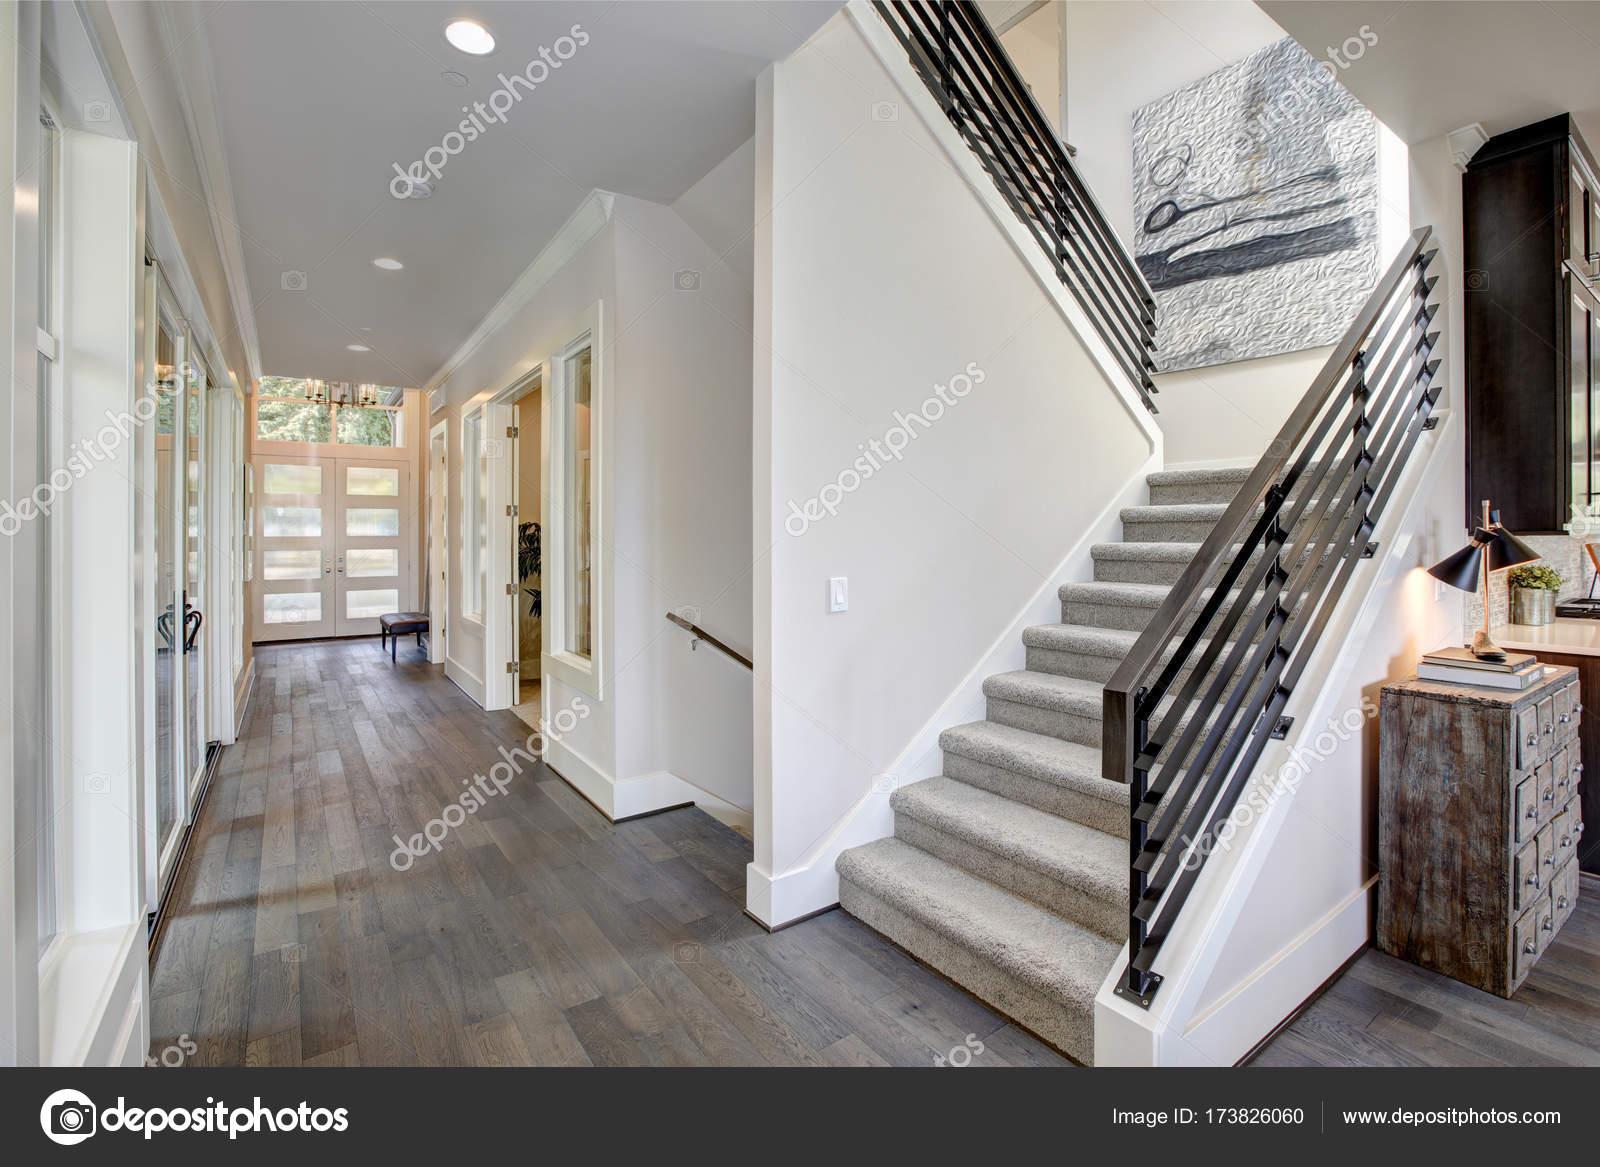 Tapijt Voor Gang : Hal beschikt over een trap met grijze tapijt loper u stockfoto